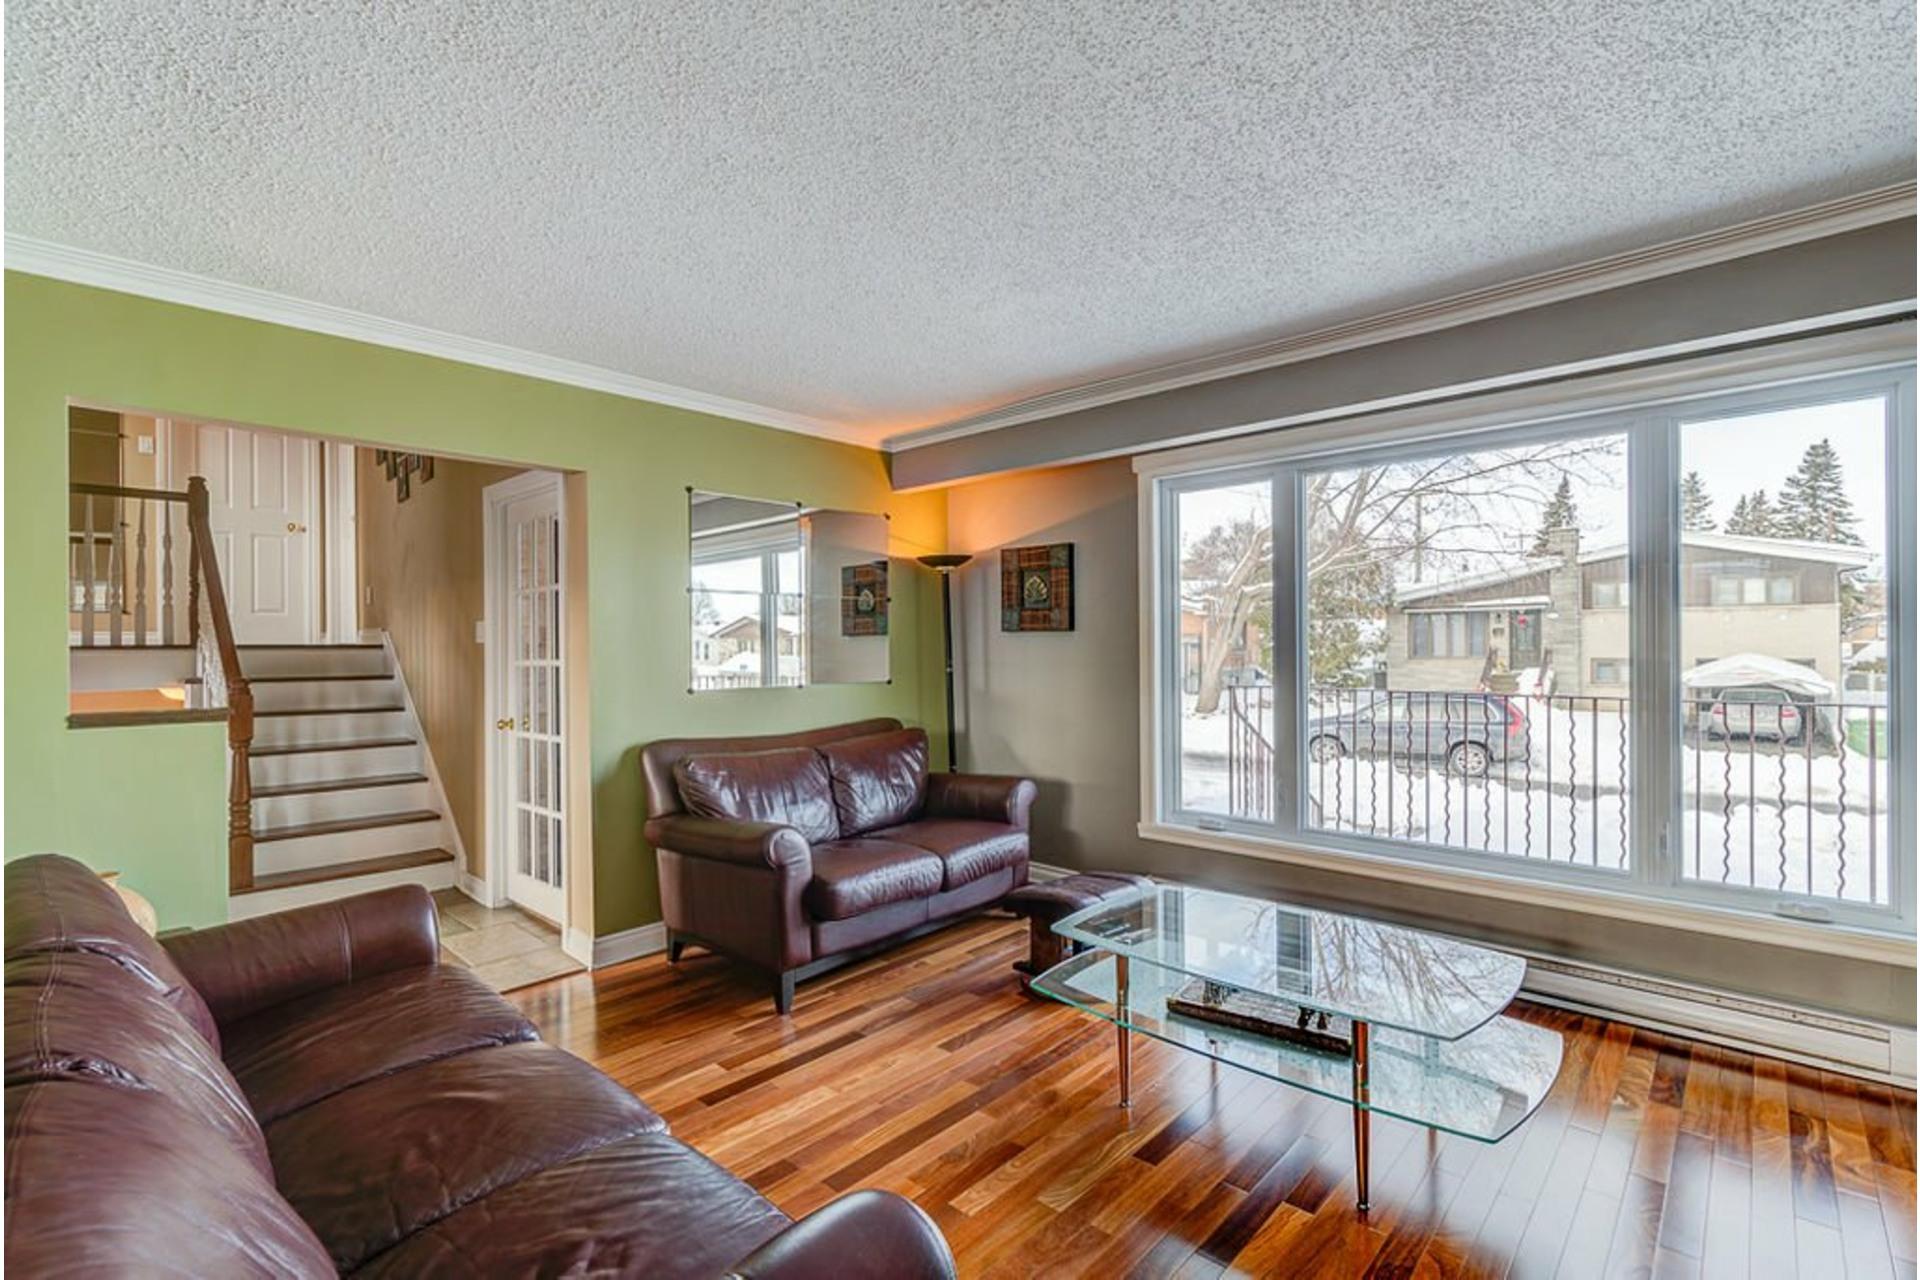 image 5 - House For sale Montréal-Nord Montréal  - 10 rooms